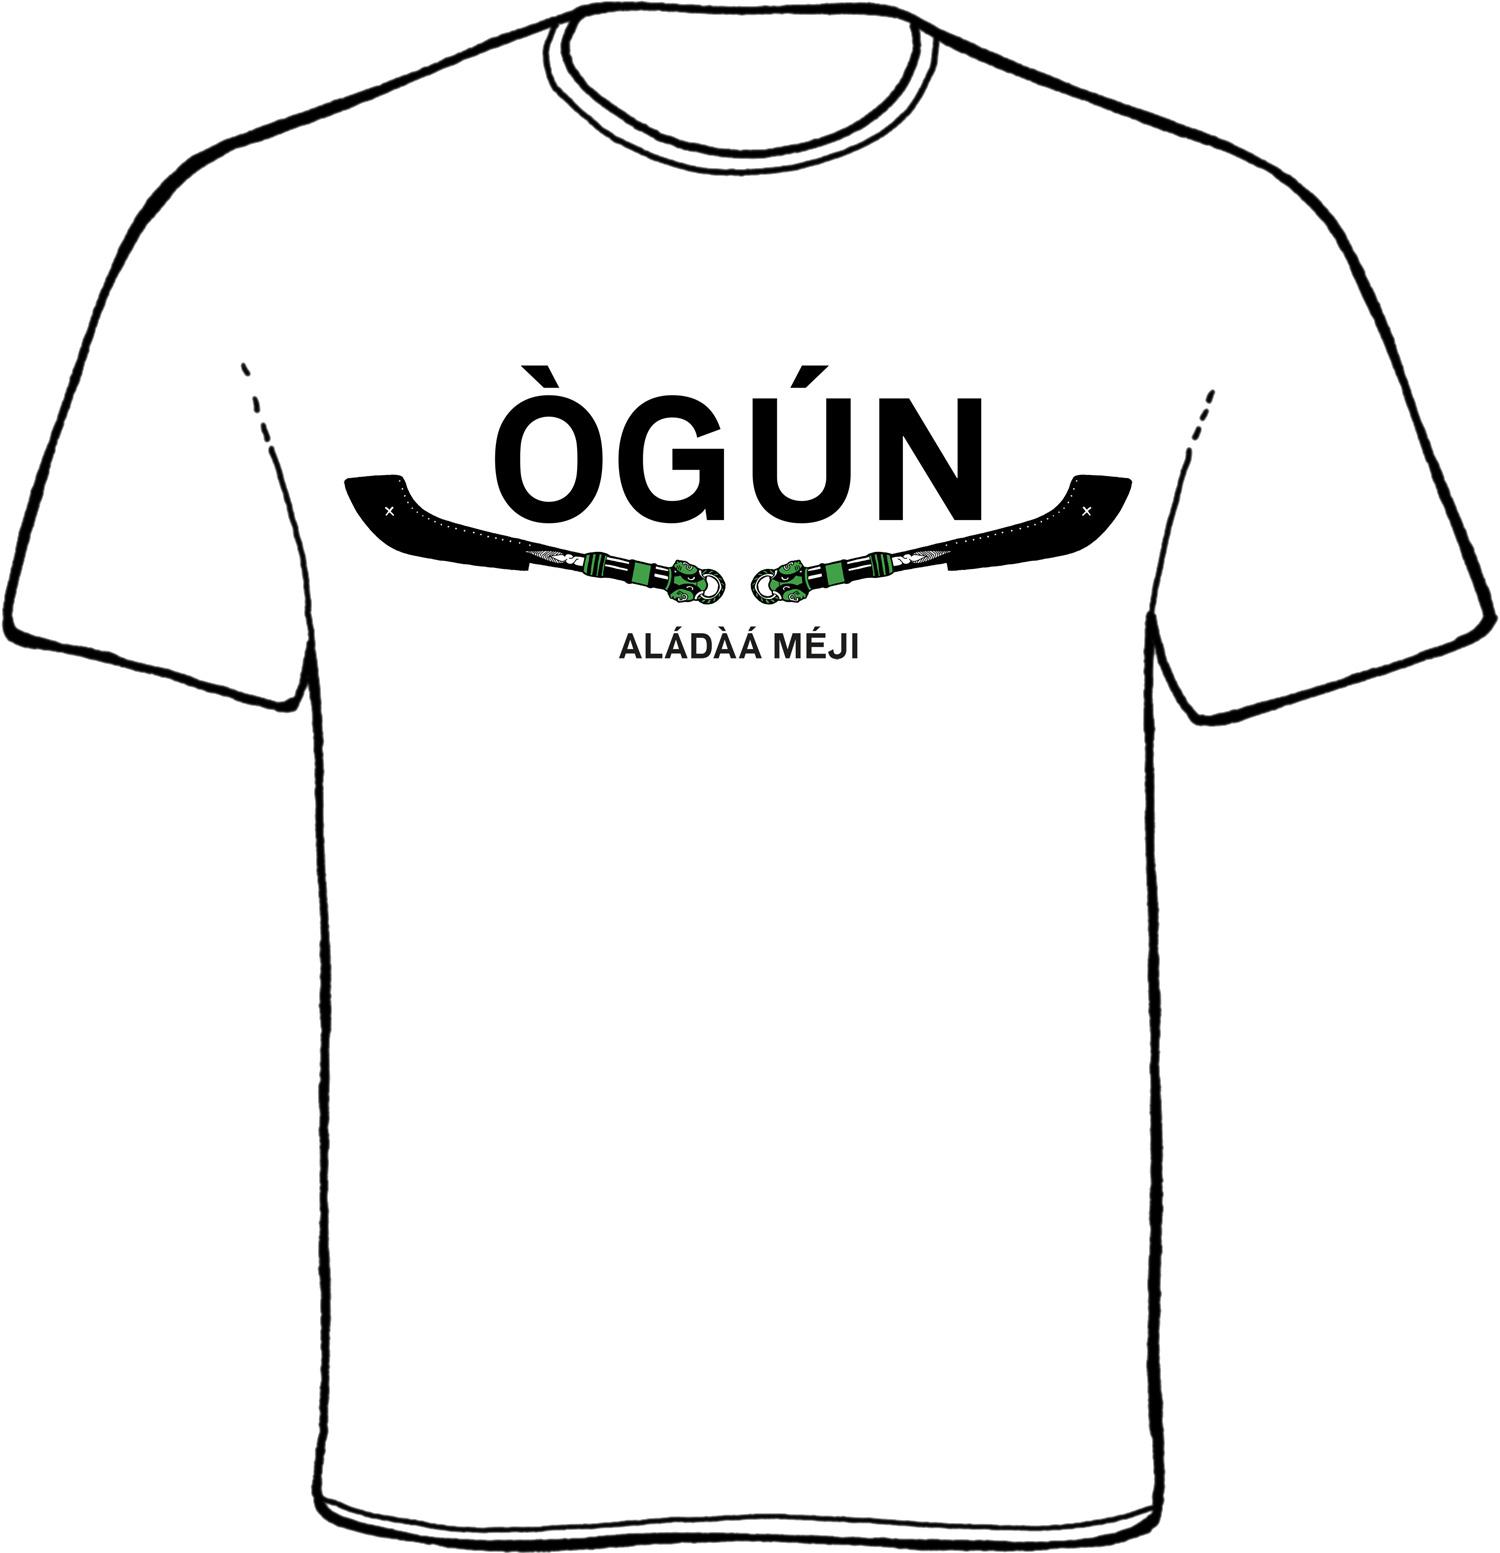 ogun, aladaa meji, oggun, oricha, orisha, orisa, elegba, los guerreros, ogum, orixa ogum, yoruba, t-shirt. orisha wear, orisha clothing, african textiles, yoruba clothes, ankara